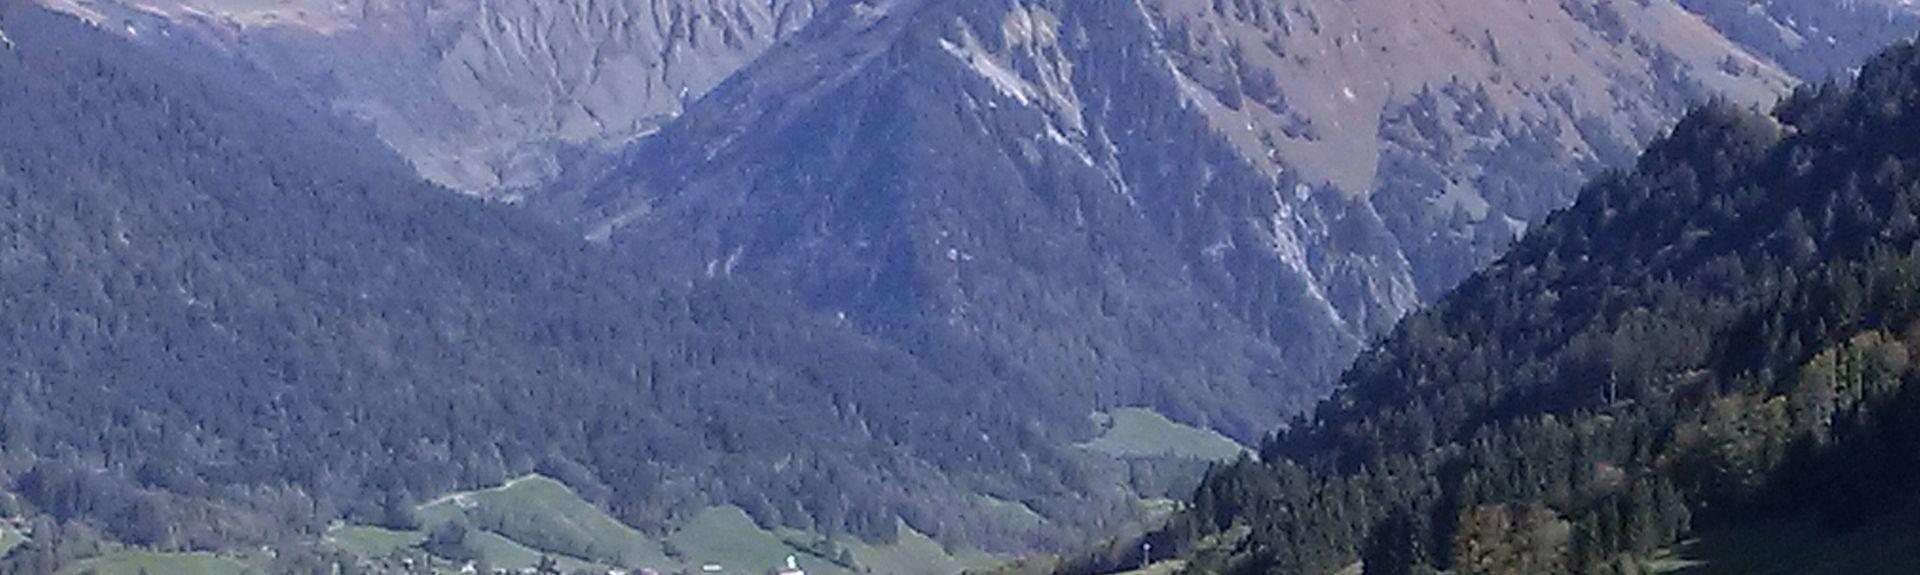 Bahnhof Schruns, Schruns, Vorarlberg, Österreich